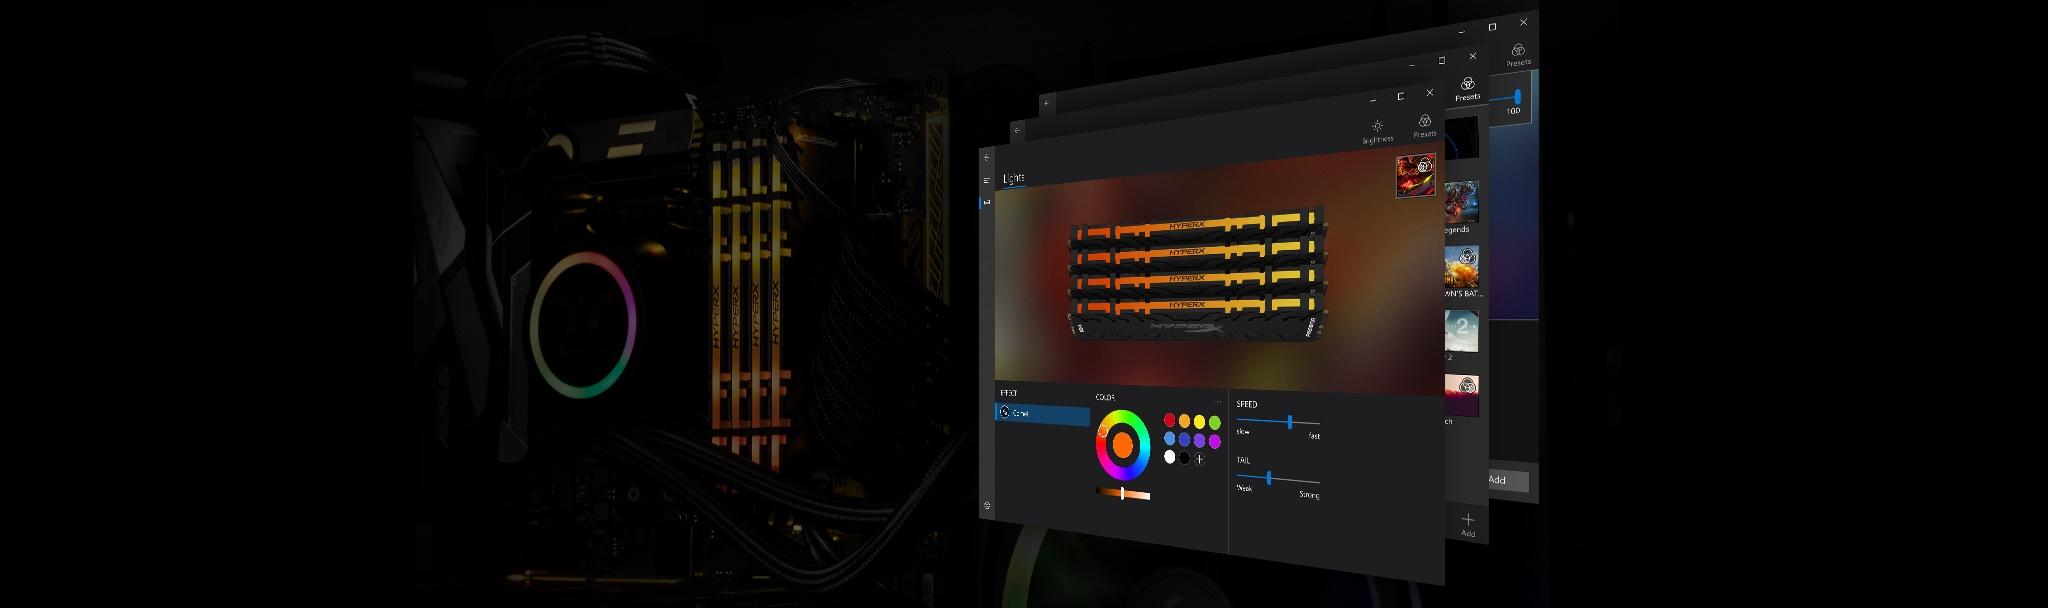 Dynamic RGB lighting effects